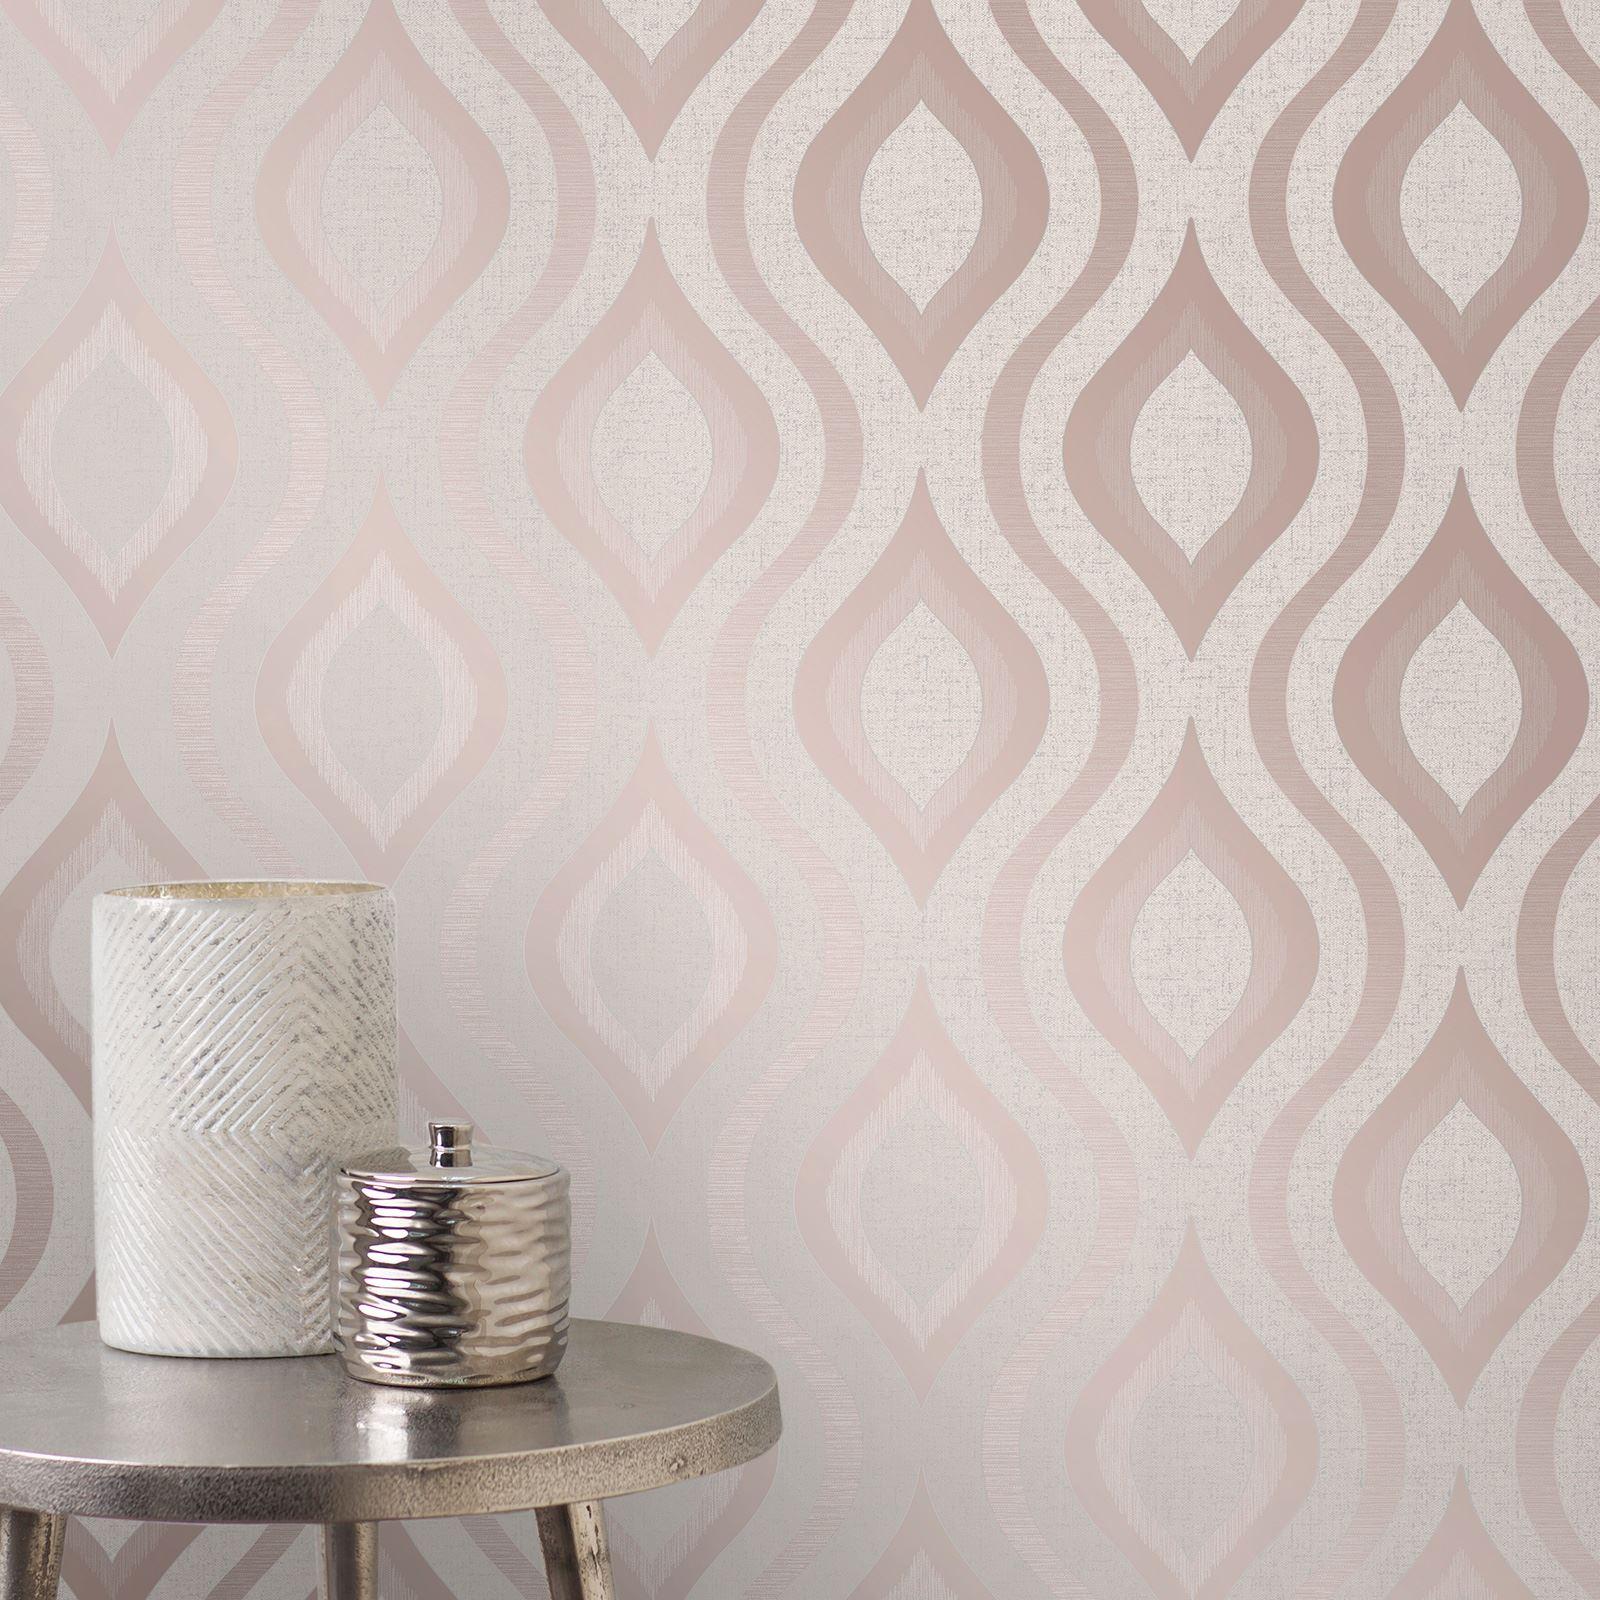 Rotgold-Tapete-Grau-Creme-Exotisch-Blumen-Tropisch-Palme-Blaetter-Geometrisch Indexbild 54